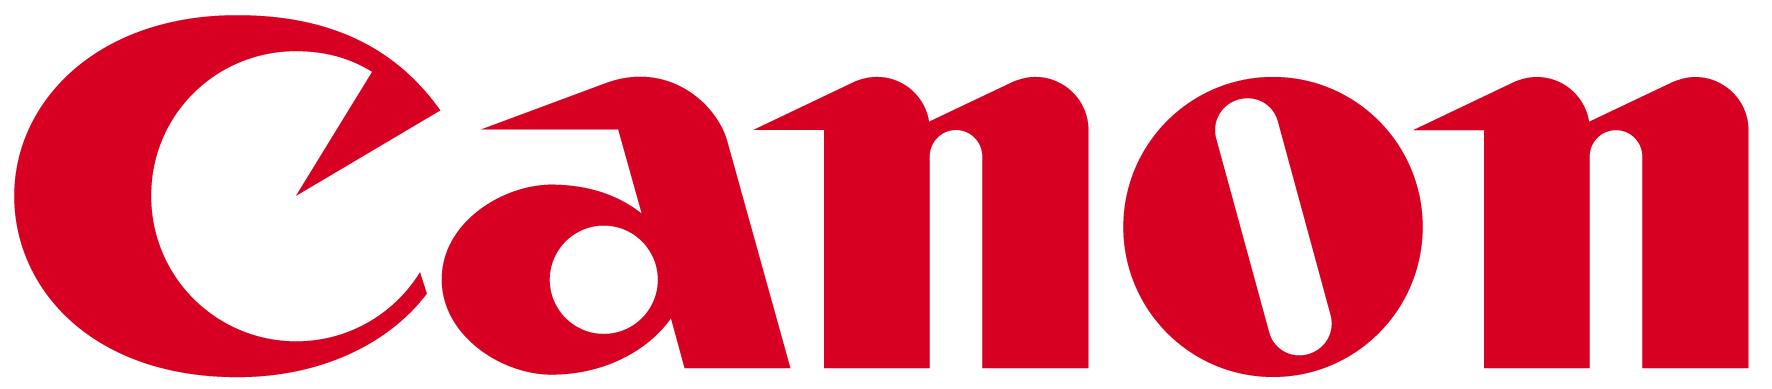 Canon-logo-high-res.jpg